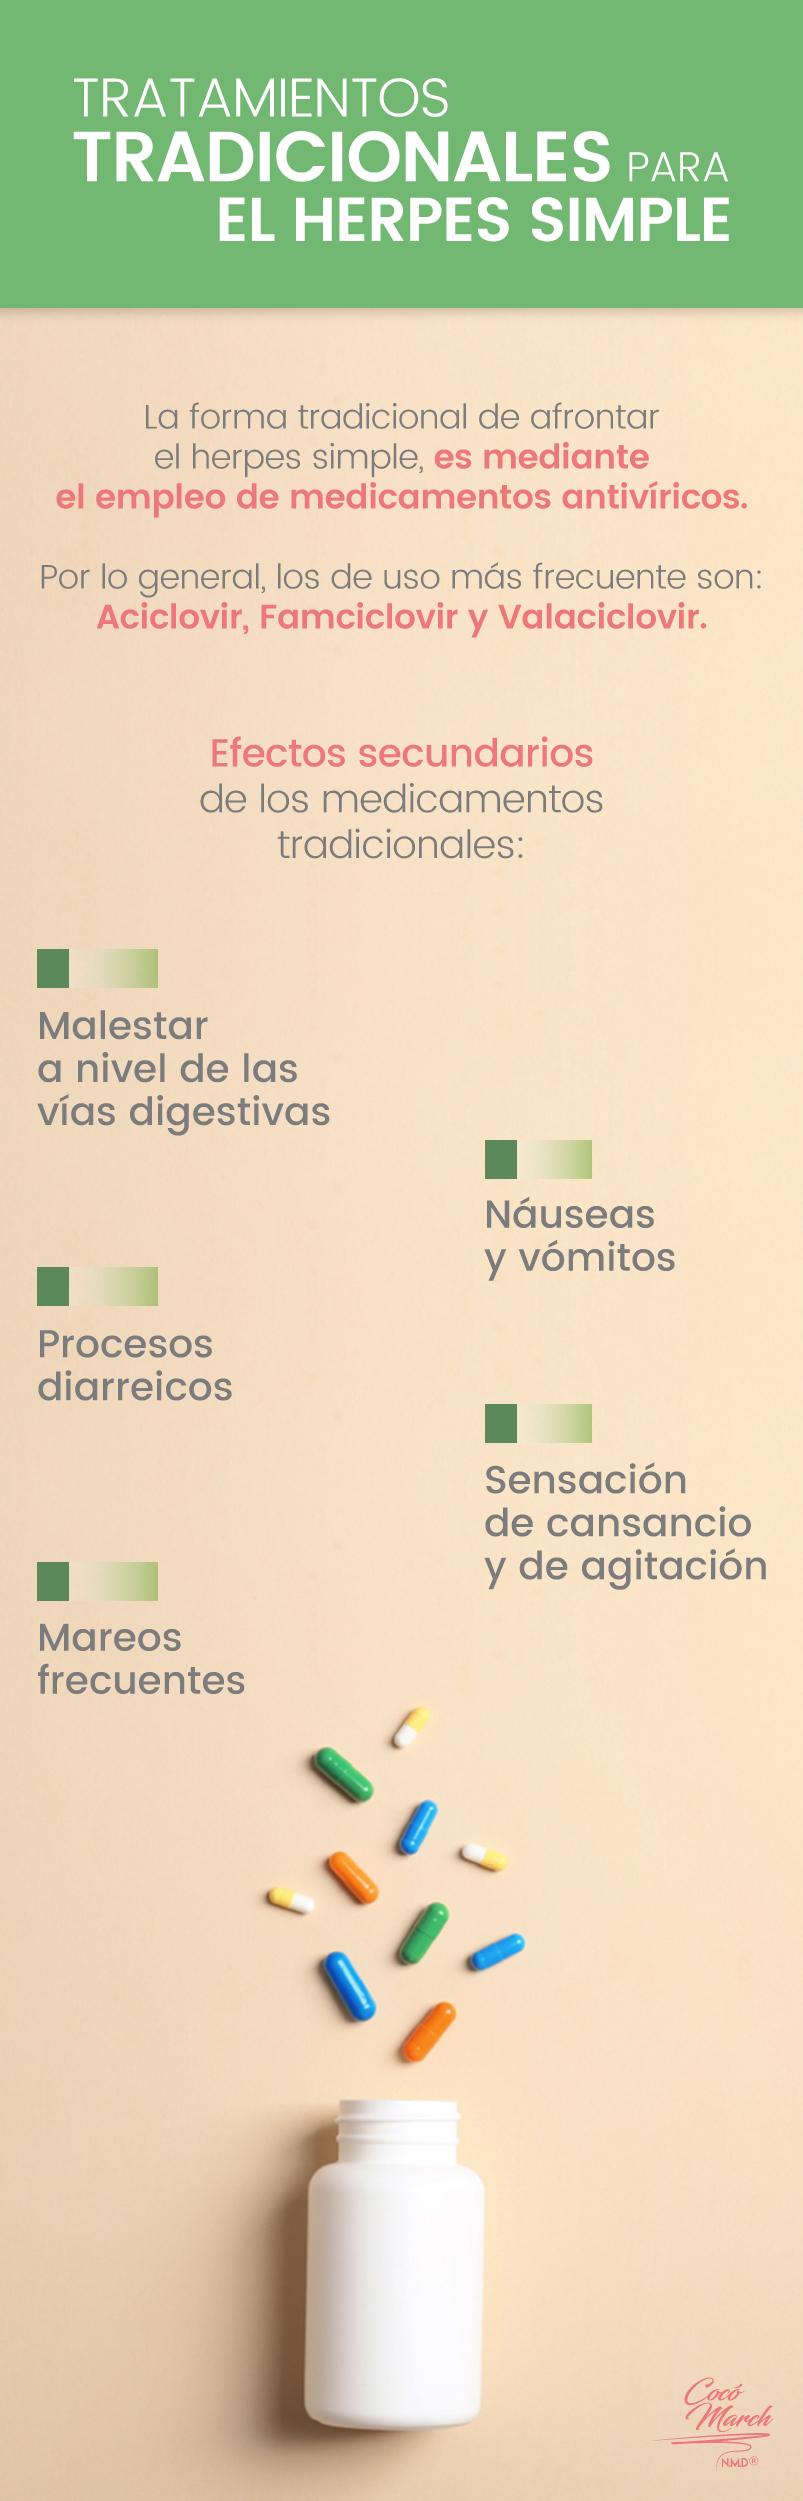 tratamientos-tradicionales-para-el-herpes-genital